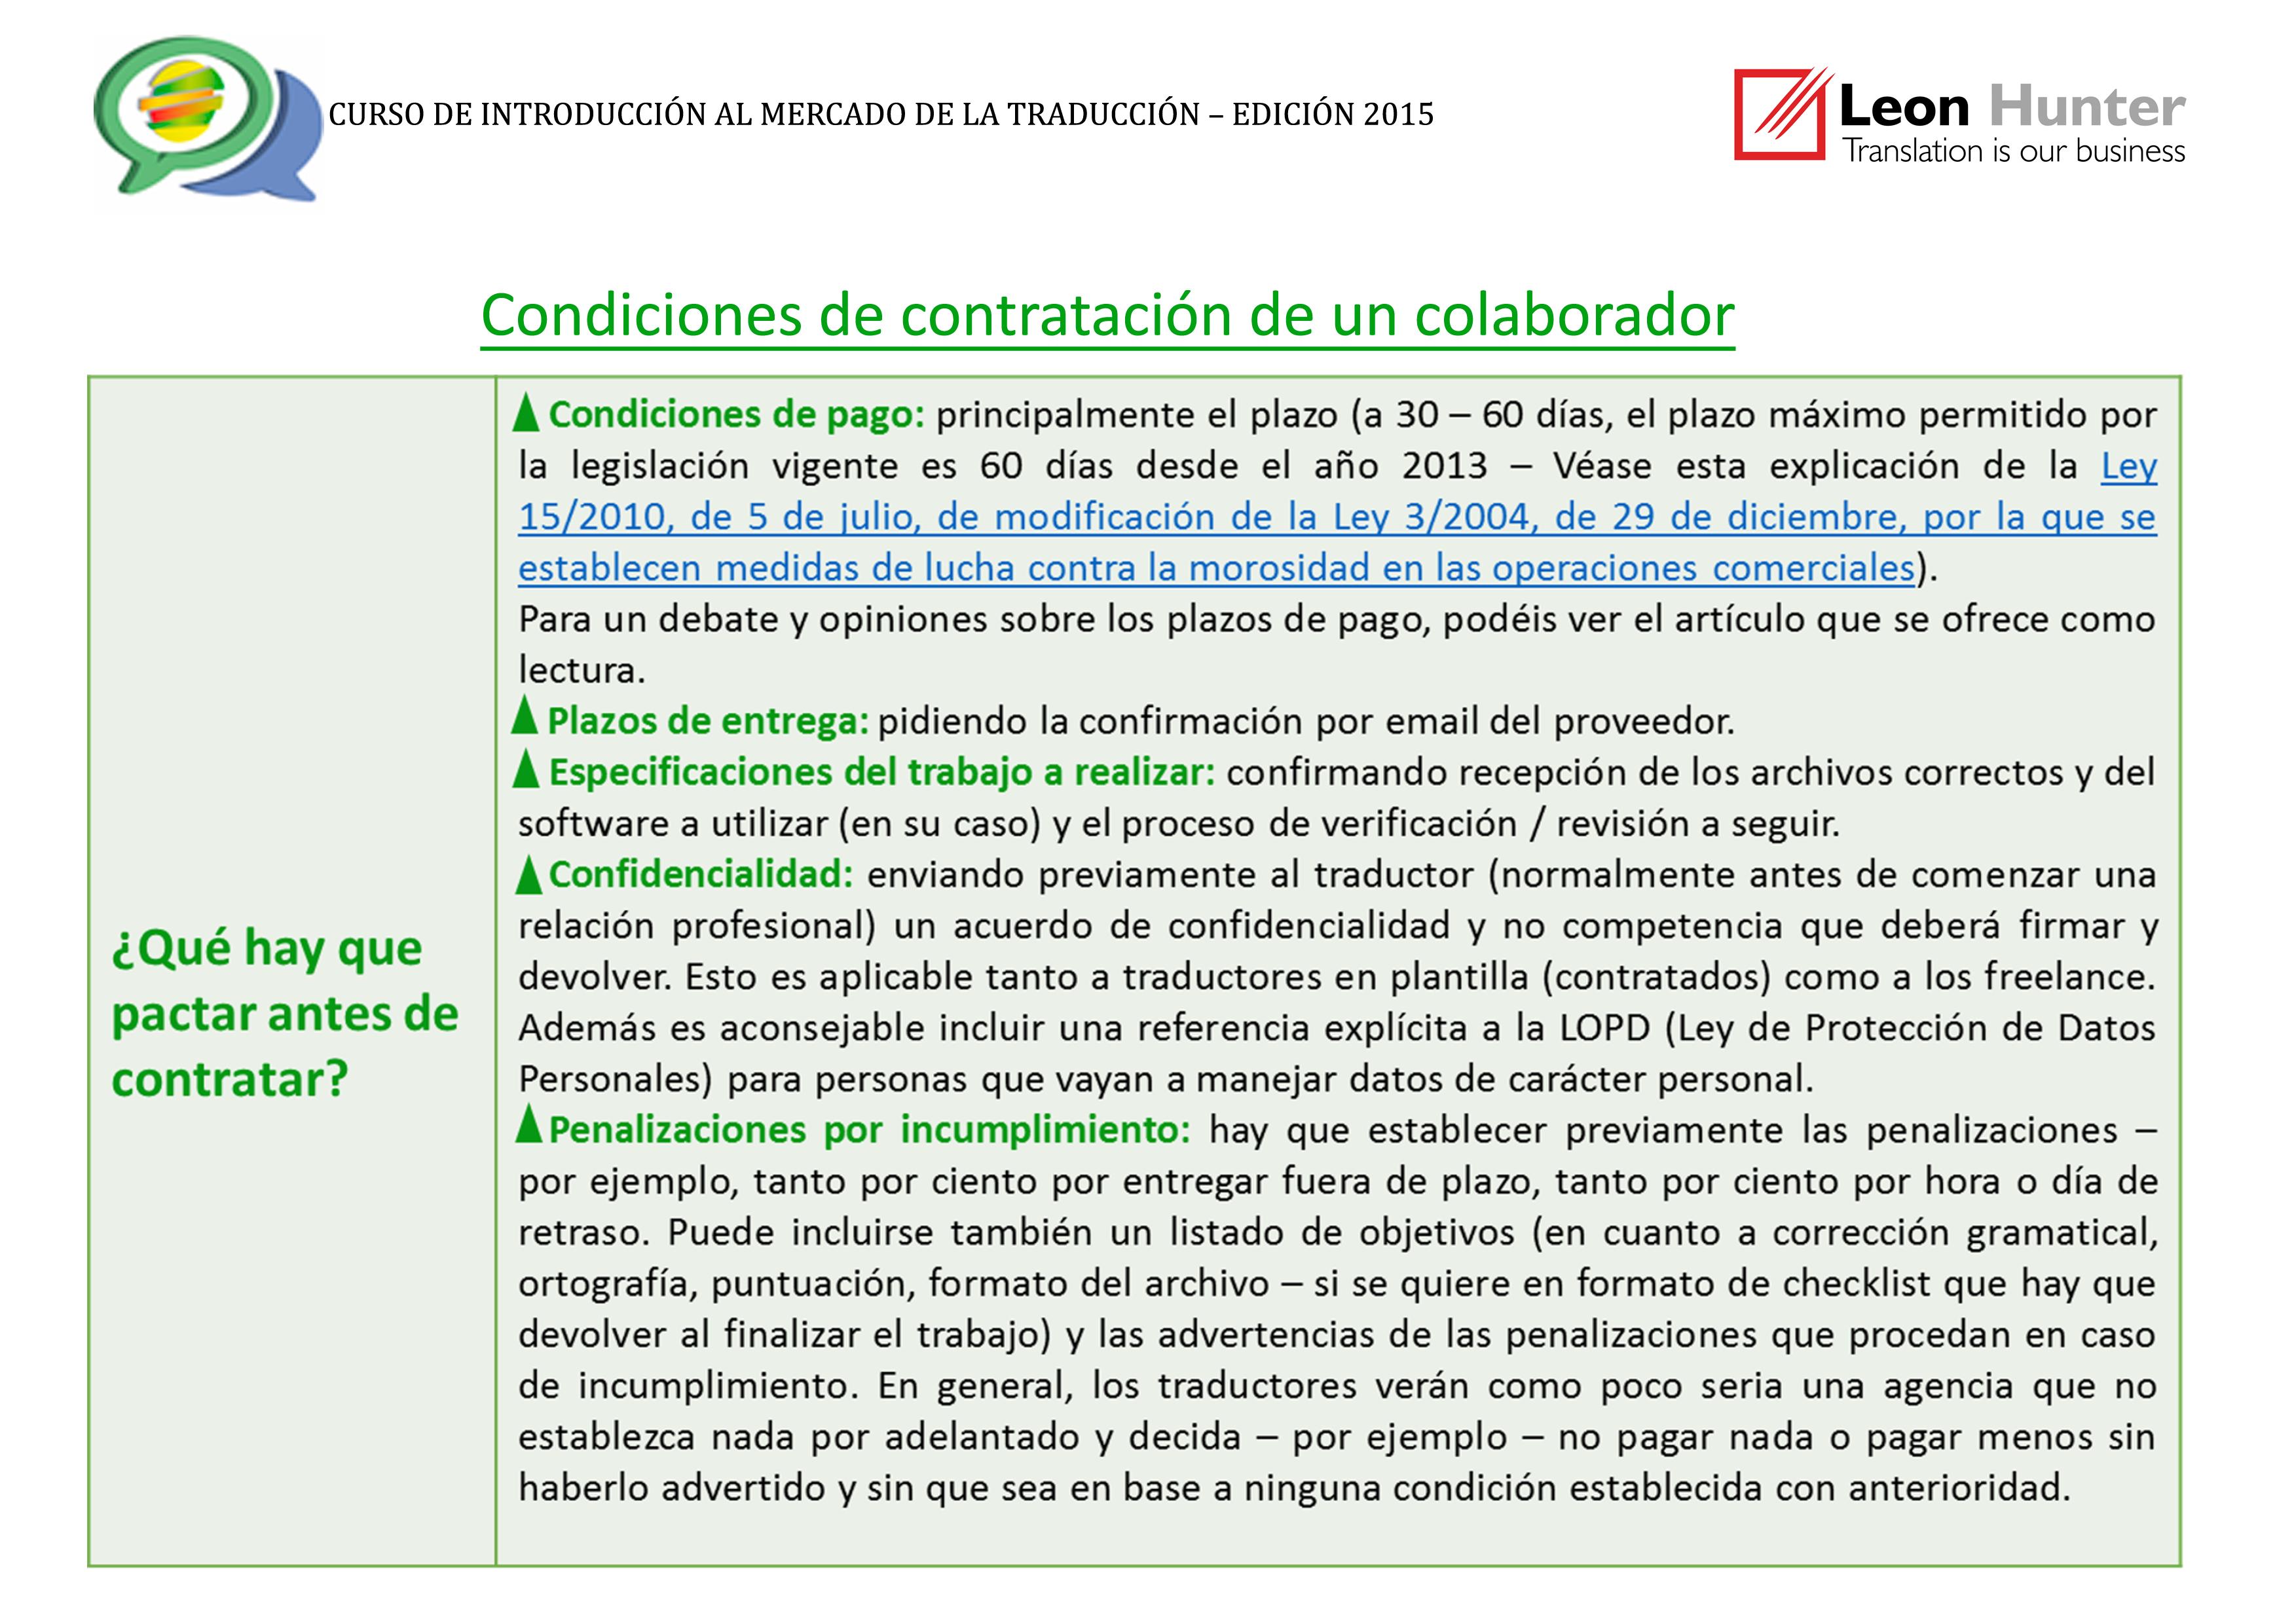 Condiciones de contratacion